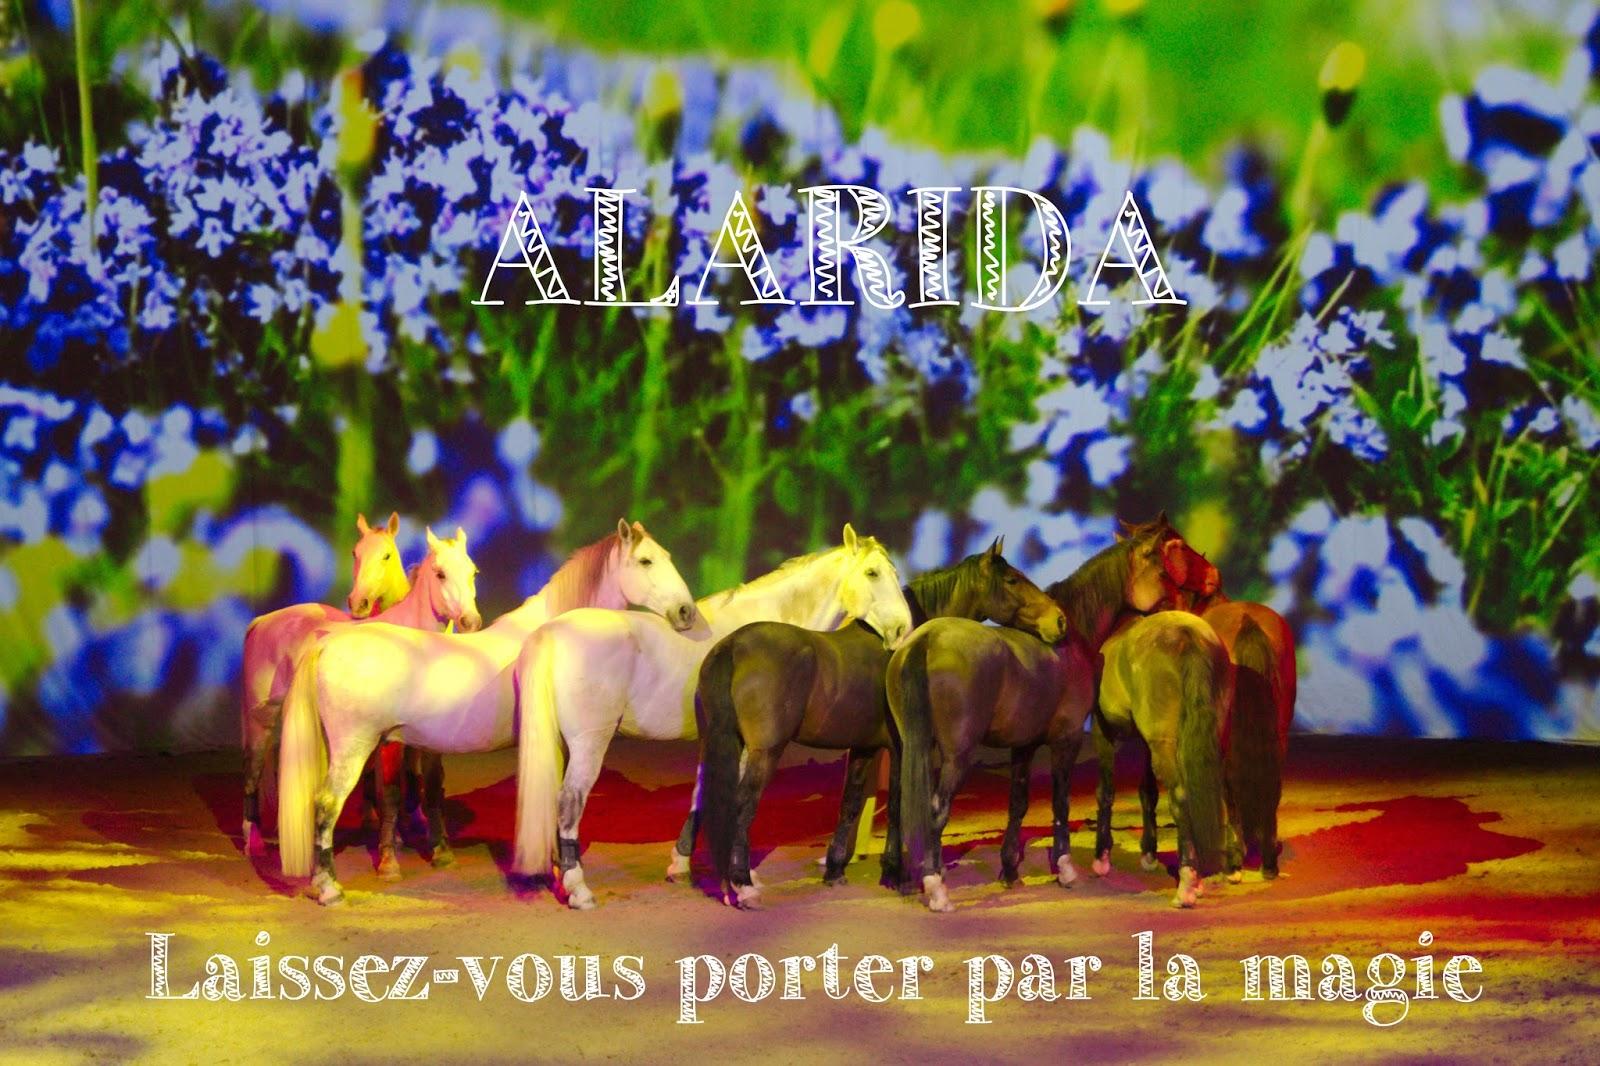 Salon du cheval d 39 albi spectacle alarida les jolies for Salon du cheval albi